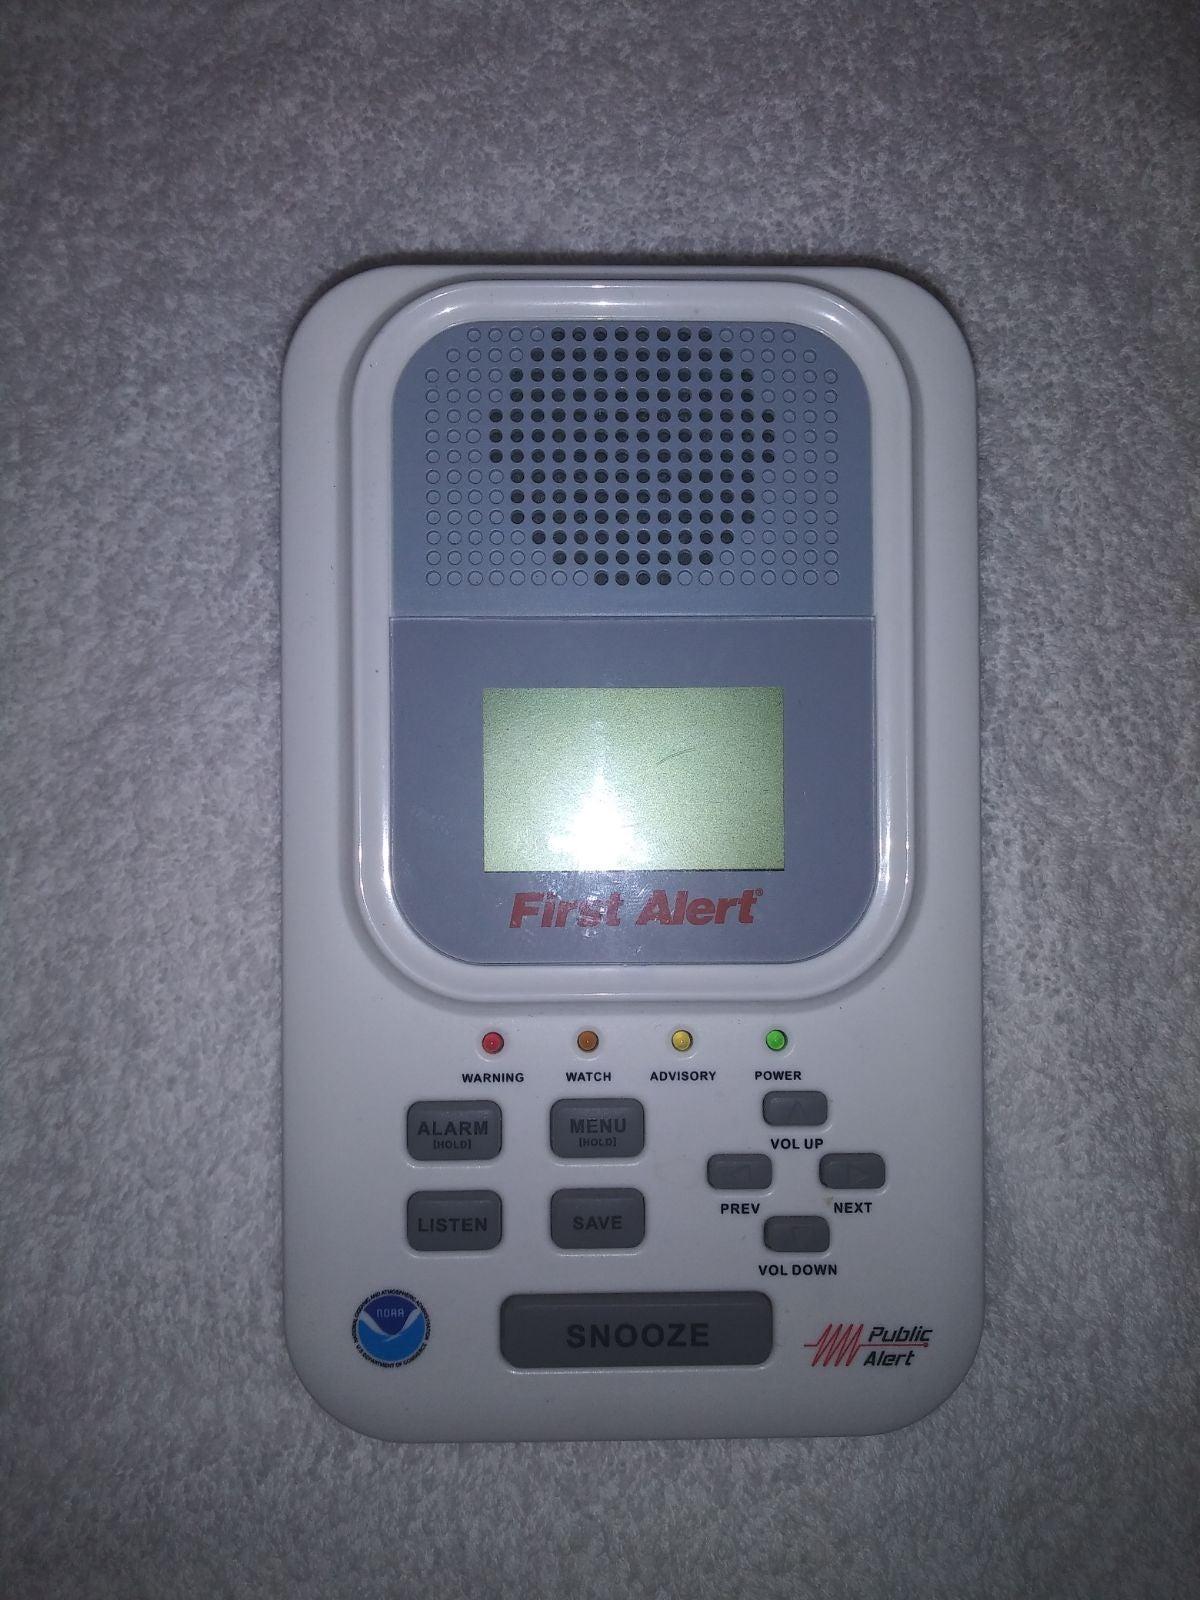 First alert wx 150